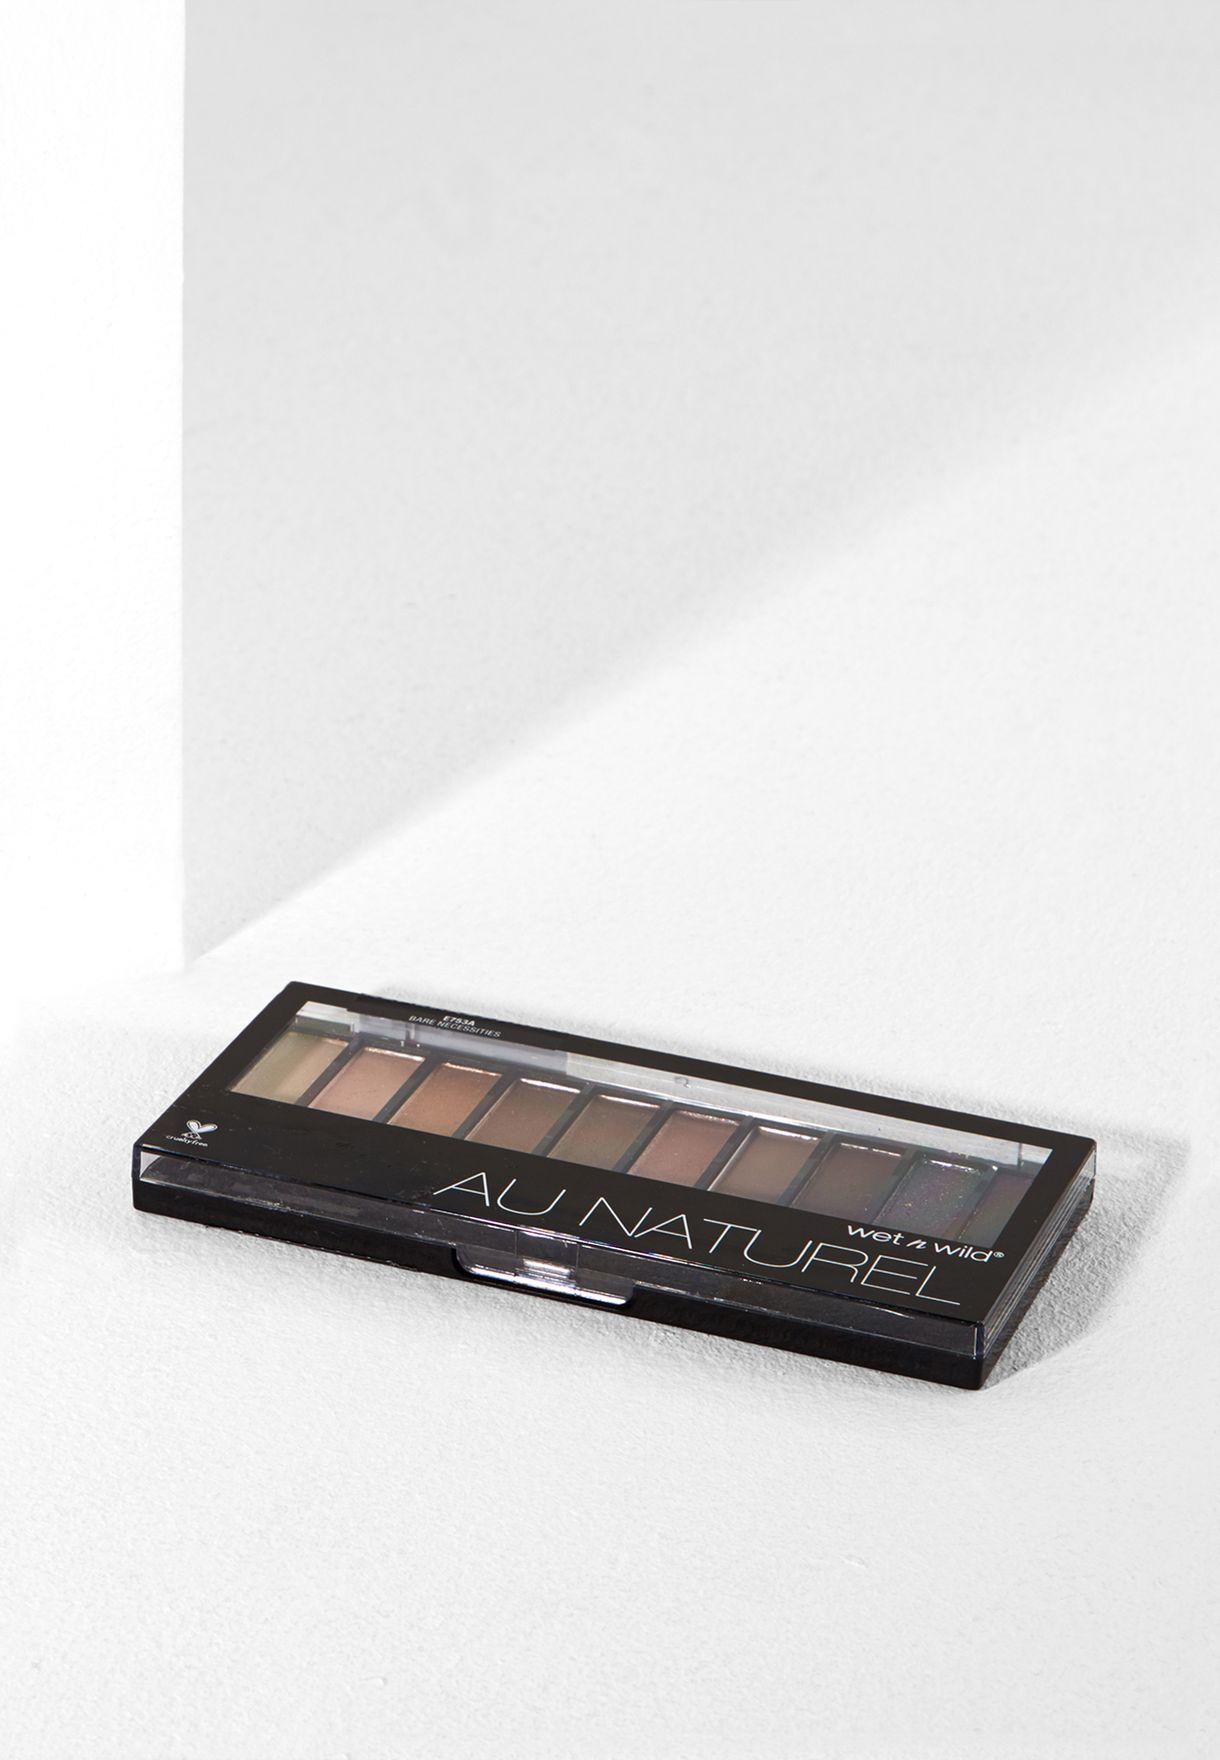 Shop Wet N Wild Neutrals Bare Necessities 10 Pan Eyeshadow Palette Au Naturel